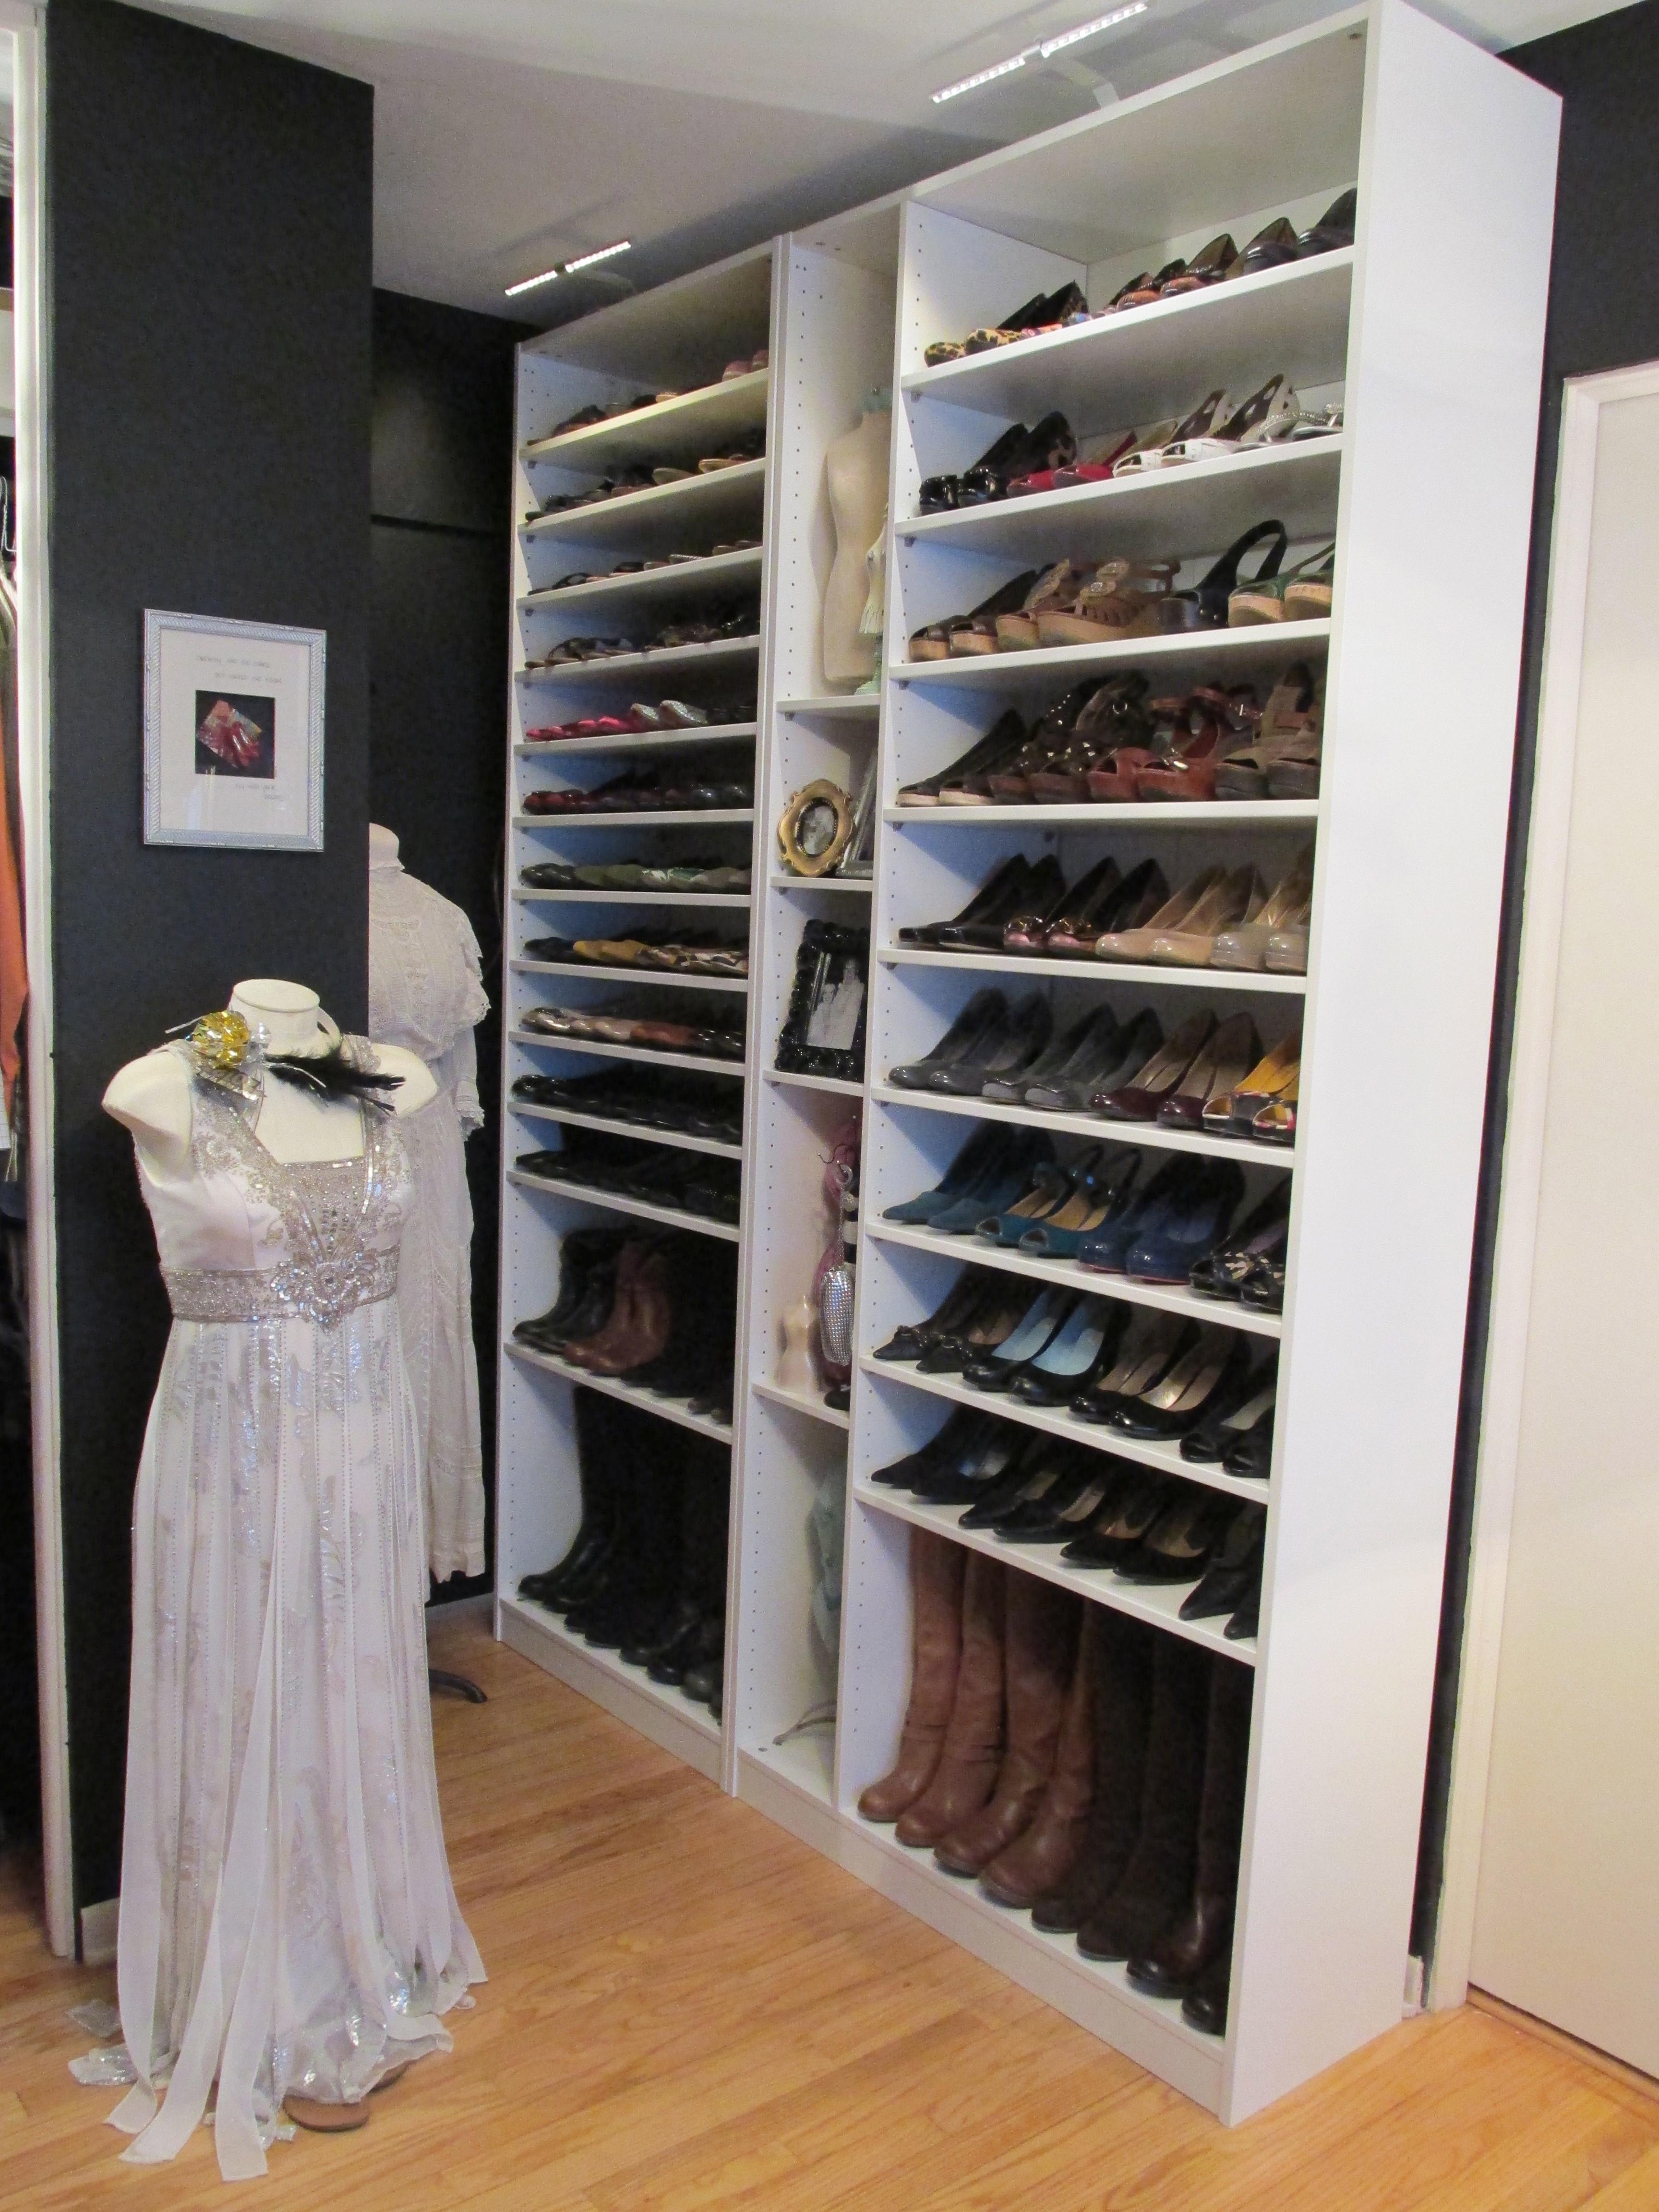 Closet/Dressing Room: 2010-2013